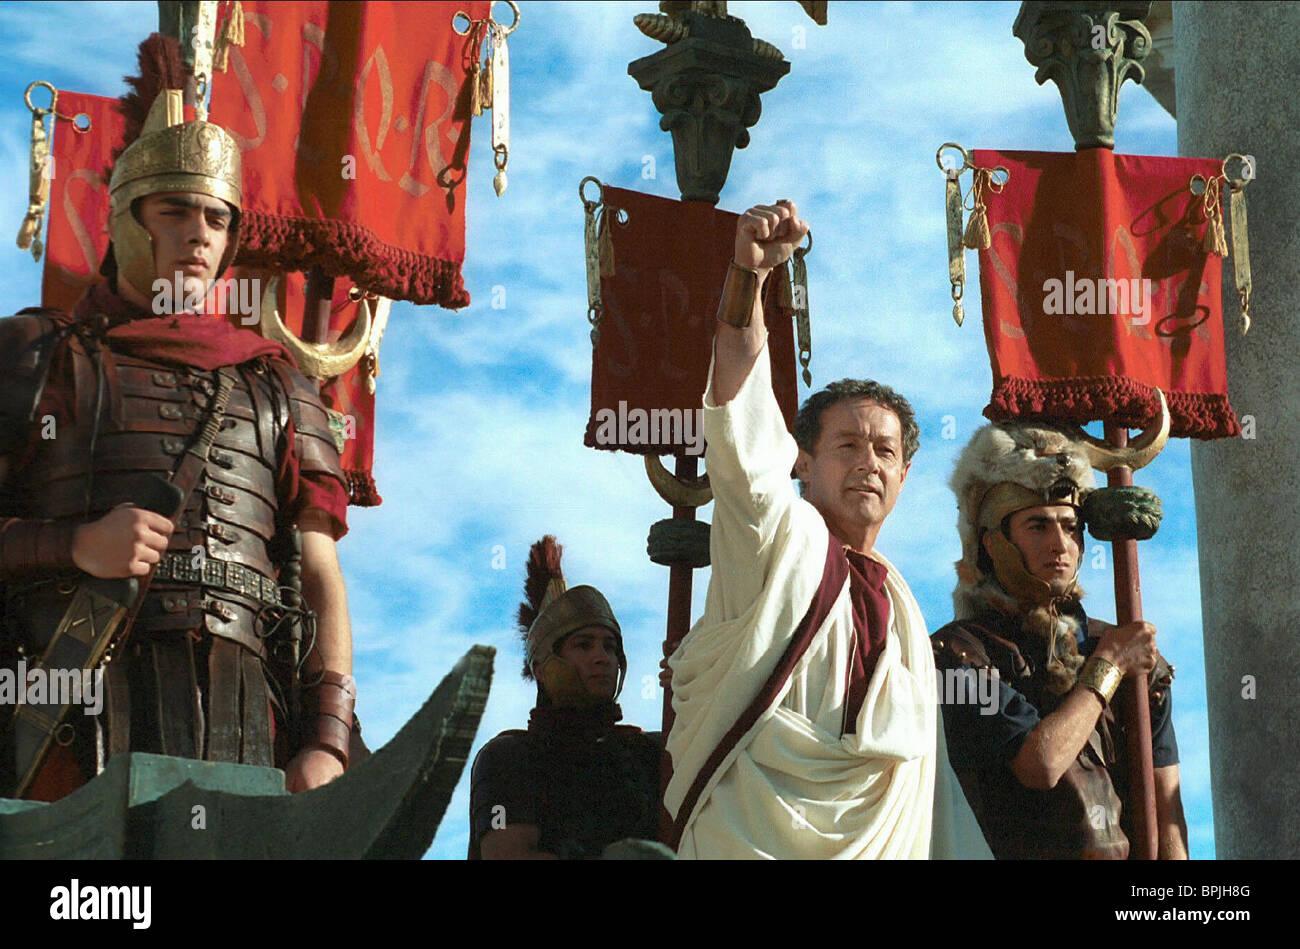 GERARD KLEIN IMPERIUM: AUGUSTUS (2003) - Stock Image